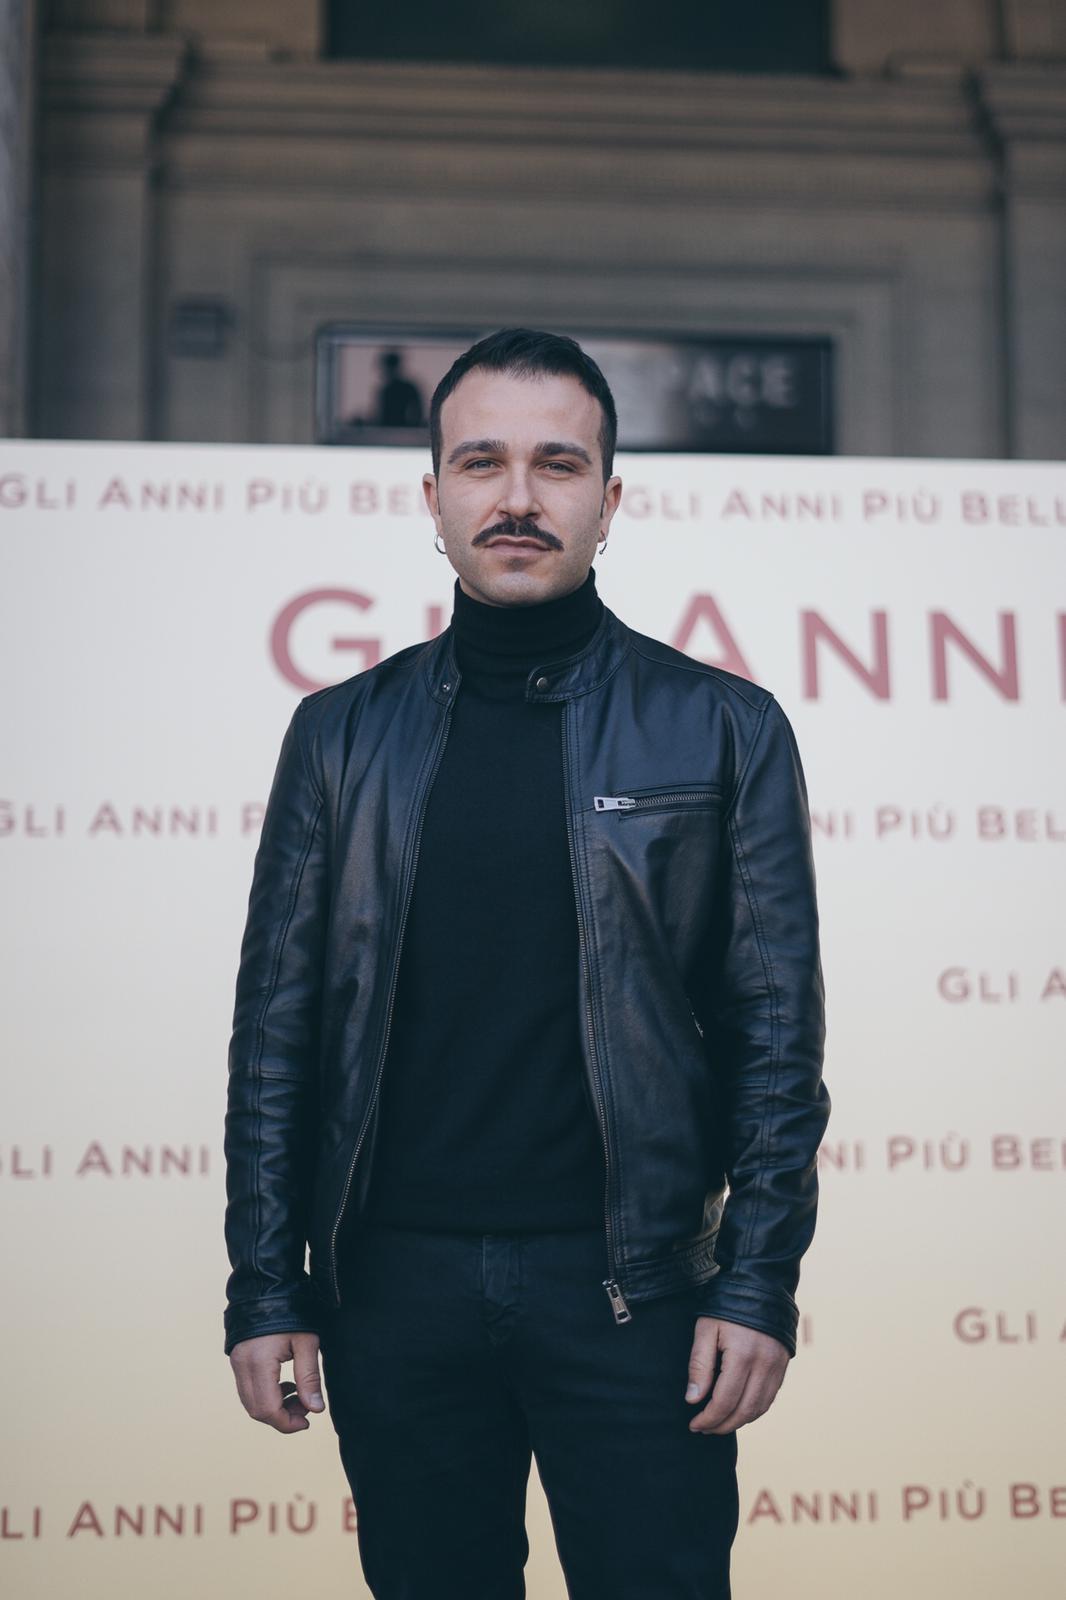 """Gennaro Apicella nel nuovo film di Gabriele Muccino """"Gli anni più belli"""""""